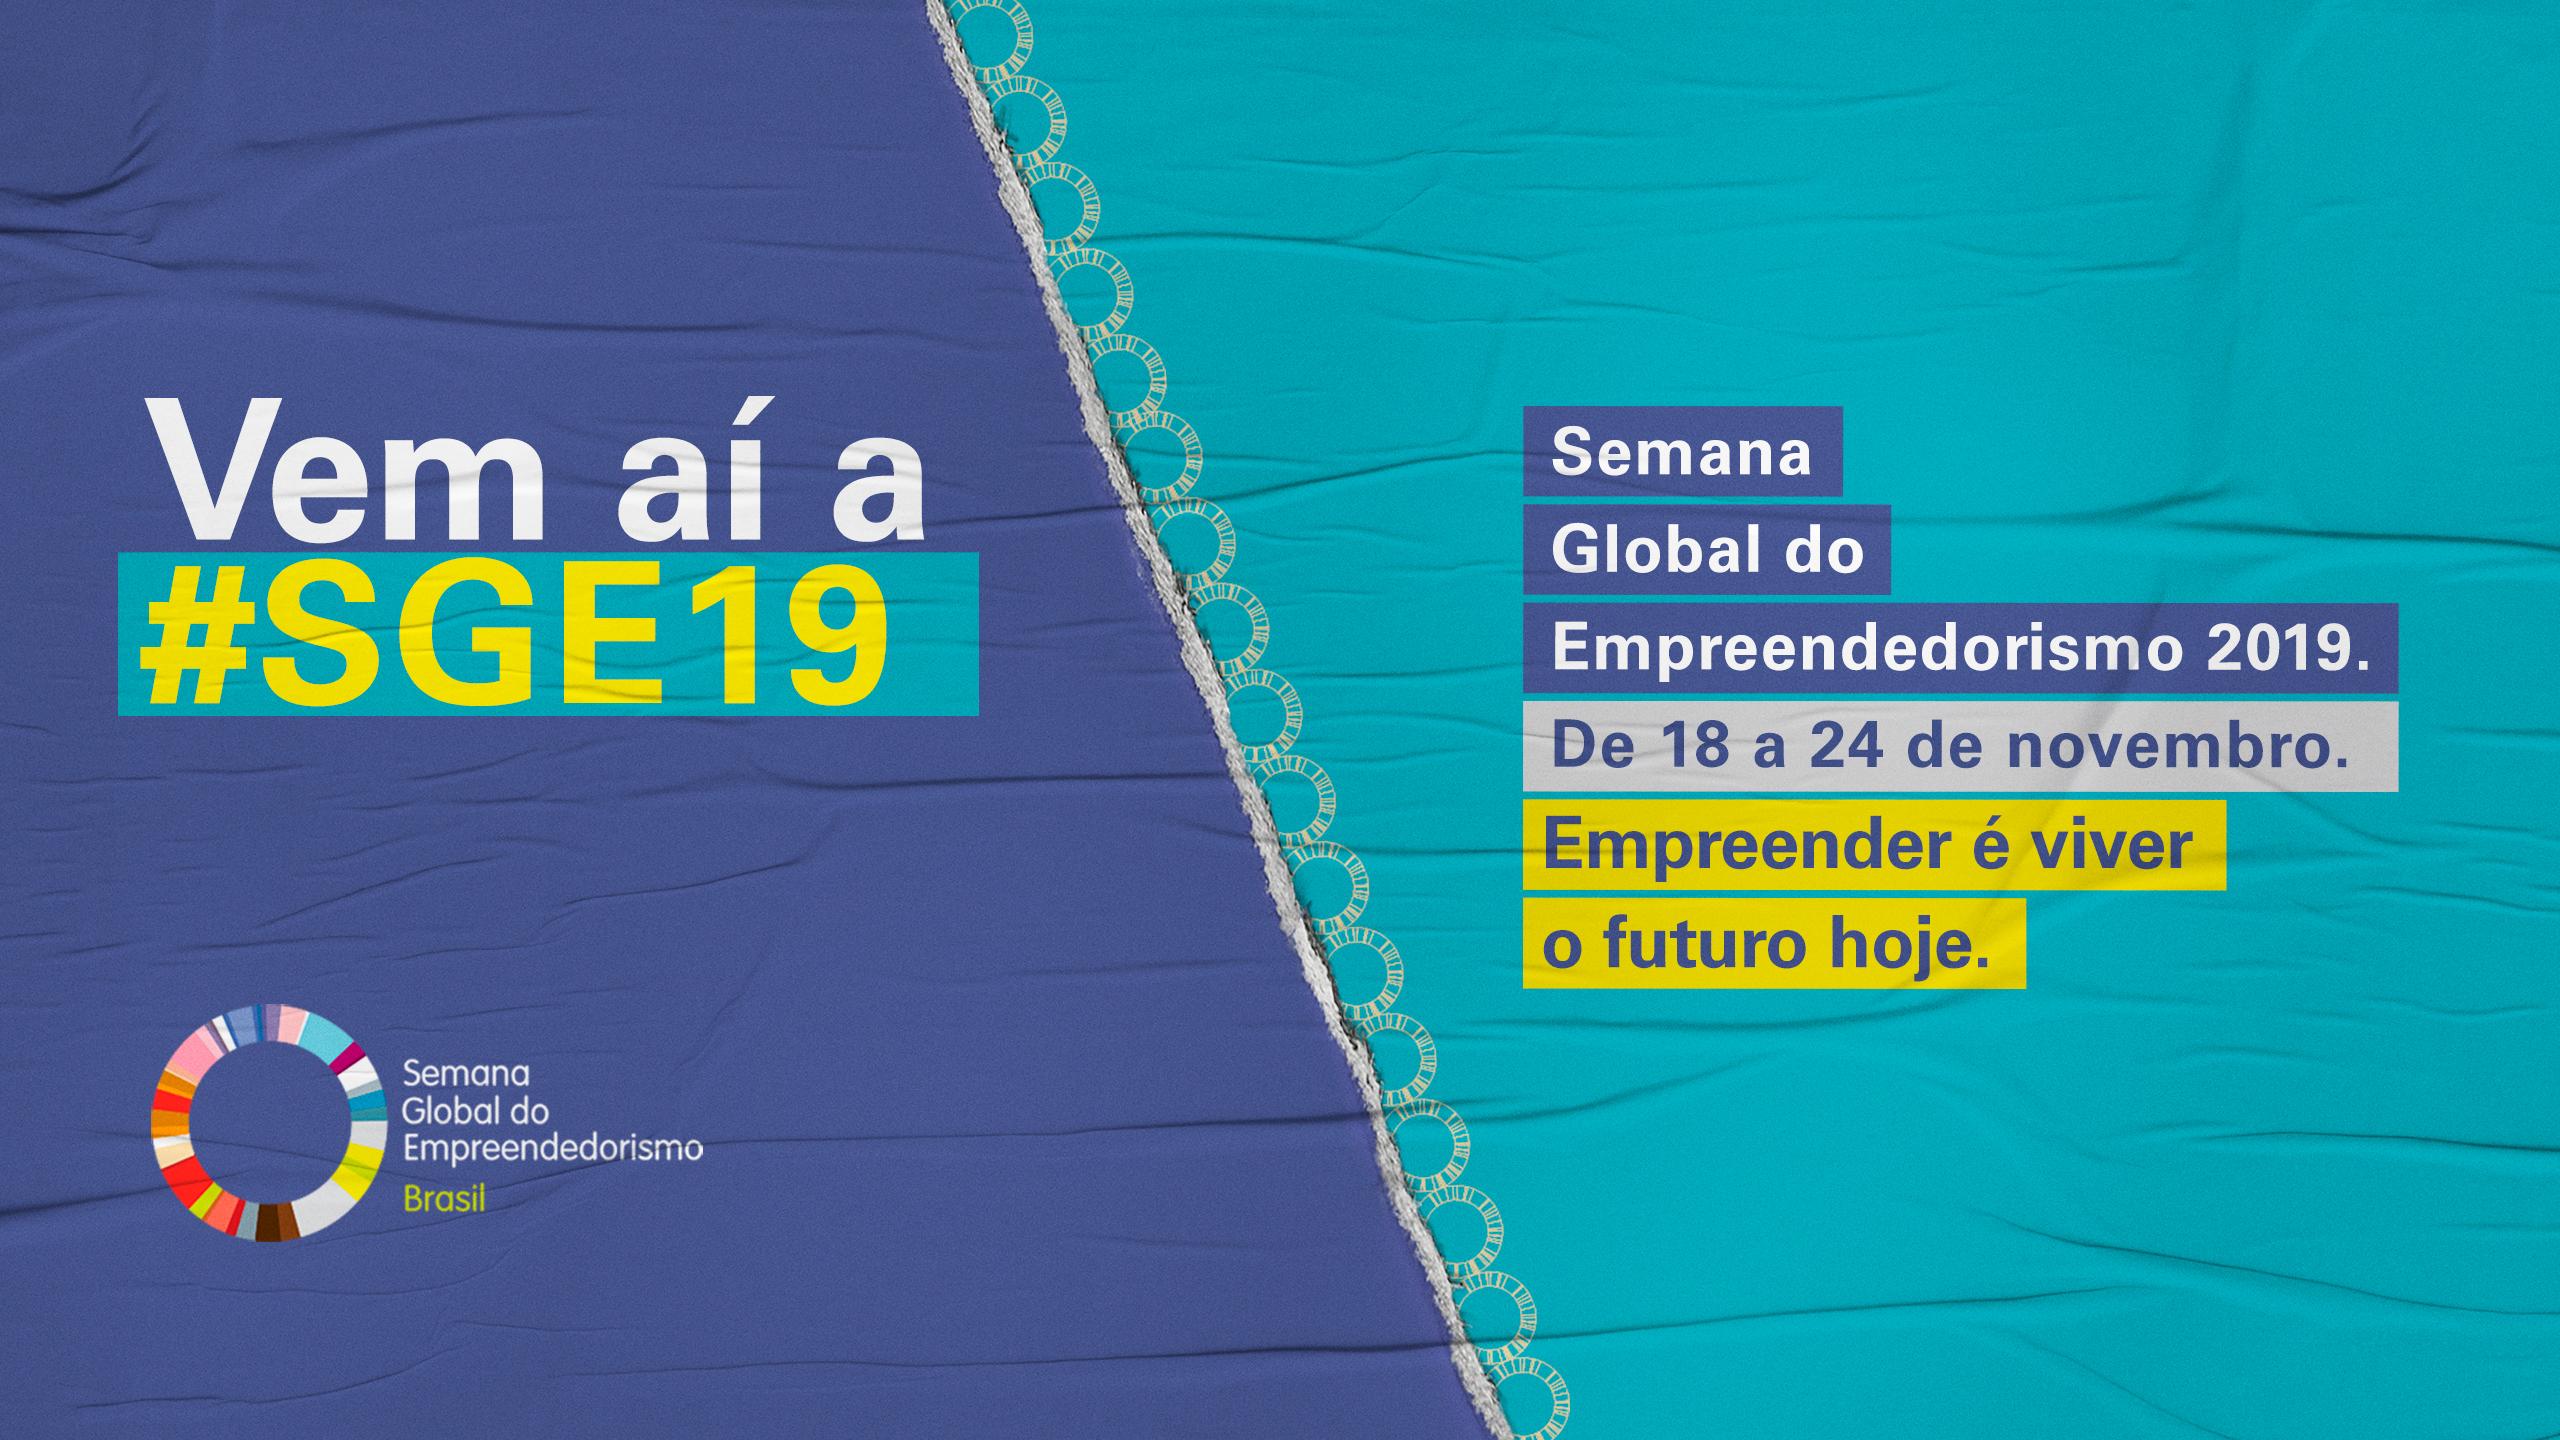 Semana Global do Empreendedorismo começa em todo o país no dia 18 de novembro